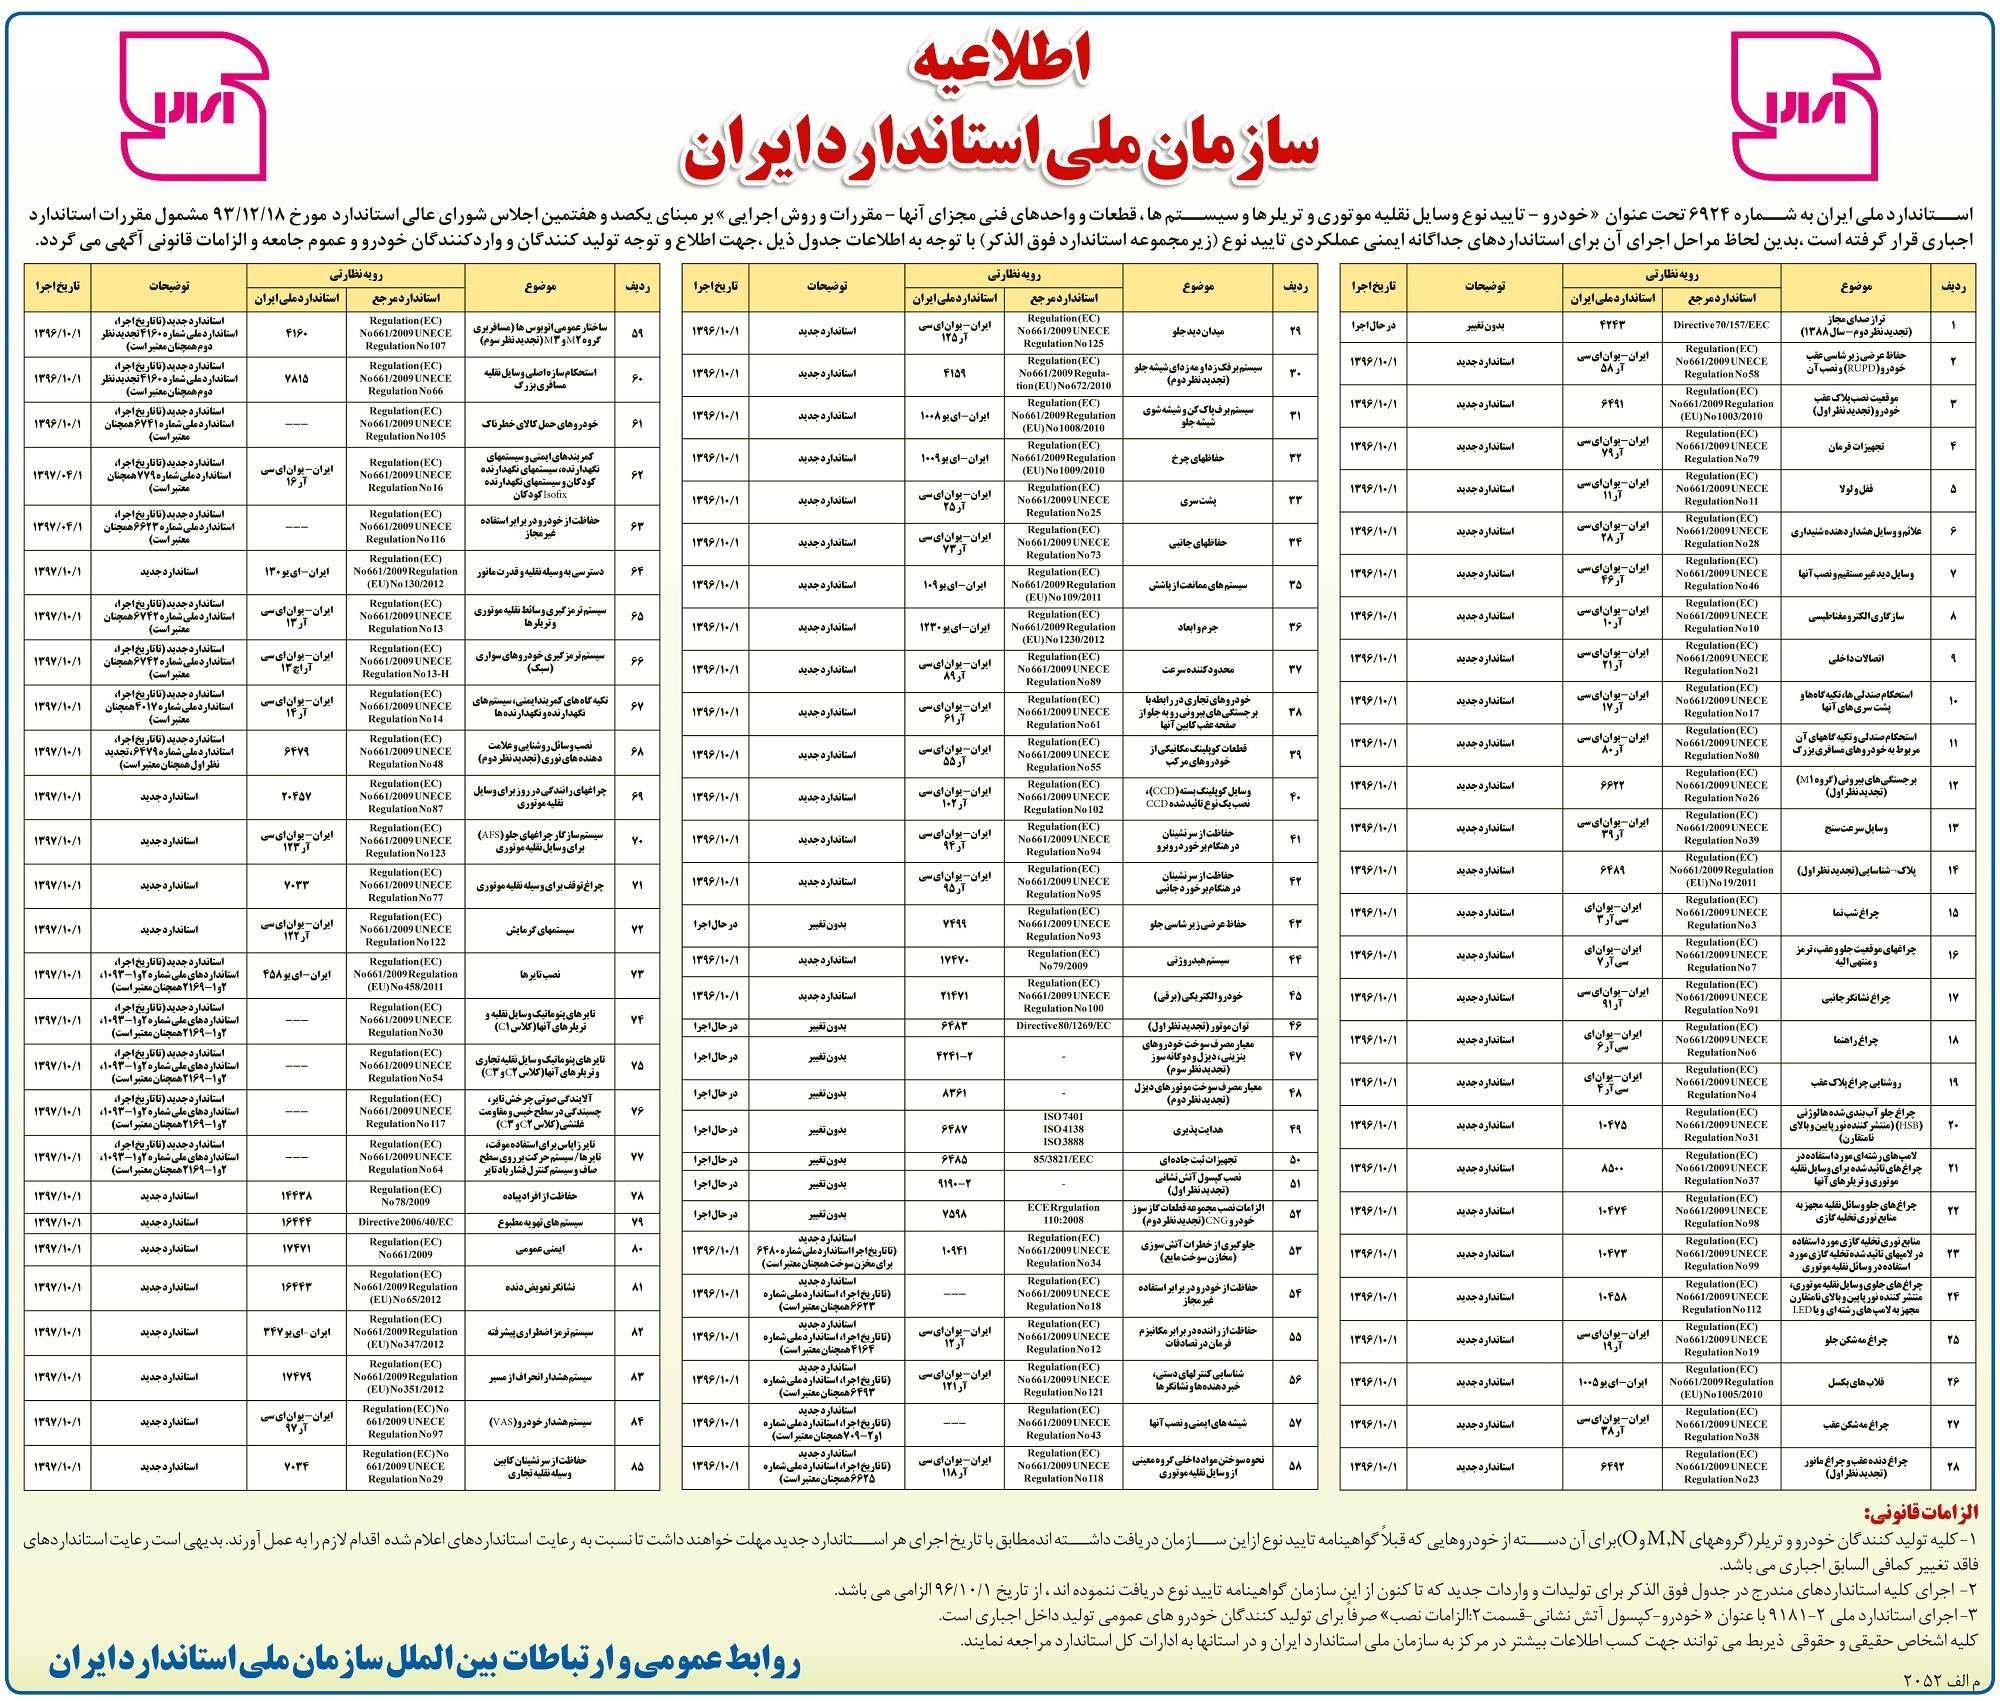 اعلام جزئیات ۸۵ استاندارد خودرویی + فهرست کامل